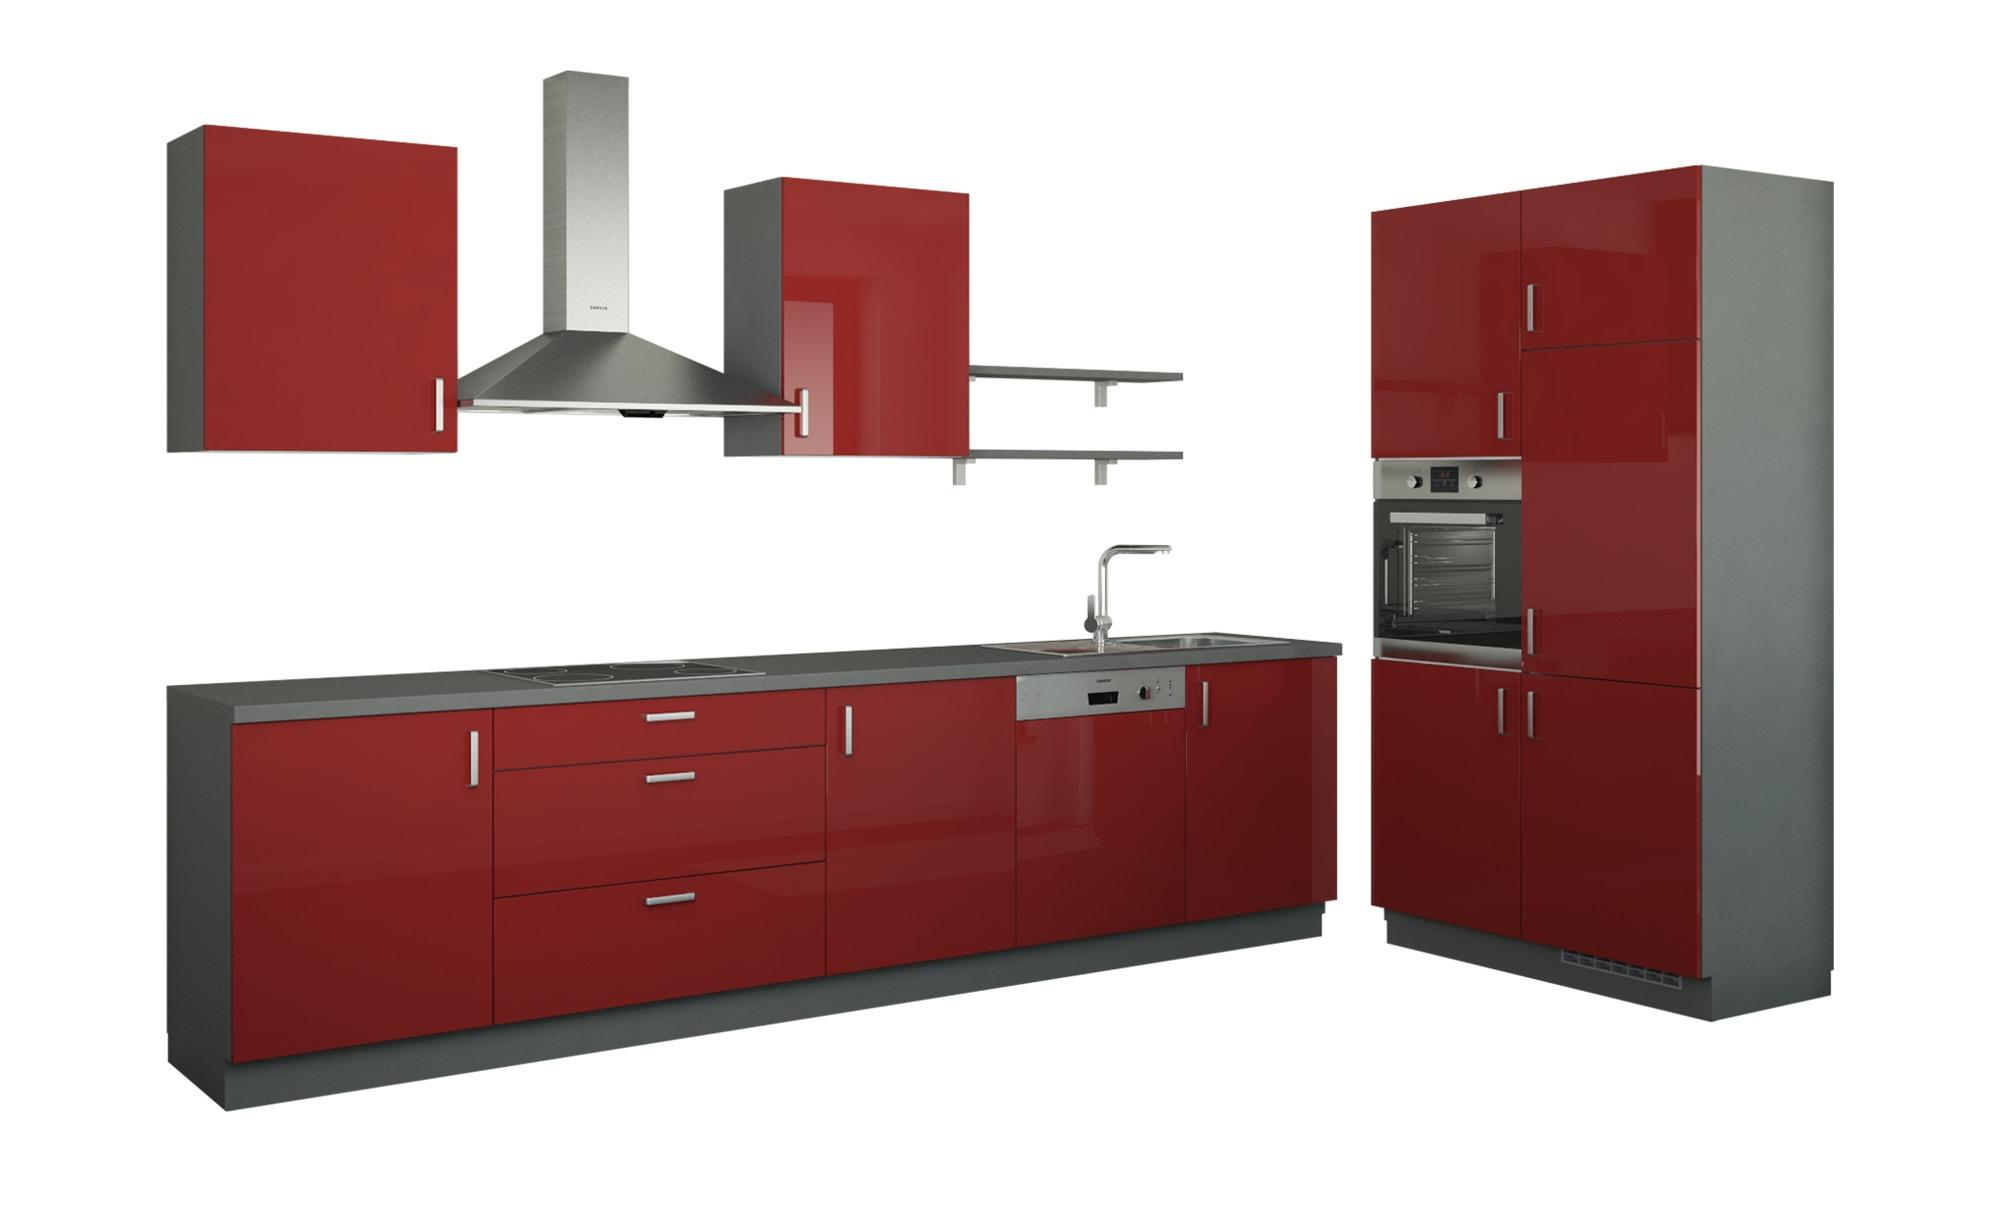 Küchenzeile ohne Elektrogeräte  Usedom ¦ rot Küchen > Küchenblöcke ohne E-Geräte - Höffner | Küche und Esszimmer > Küchen | Möbel Höffner DE